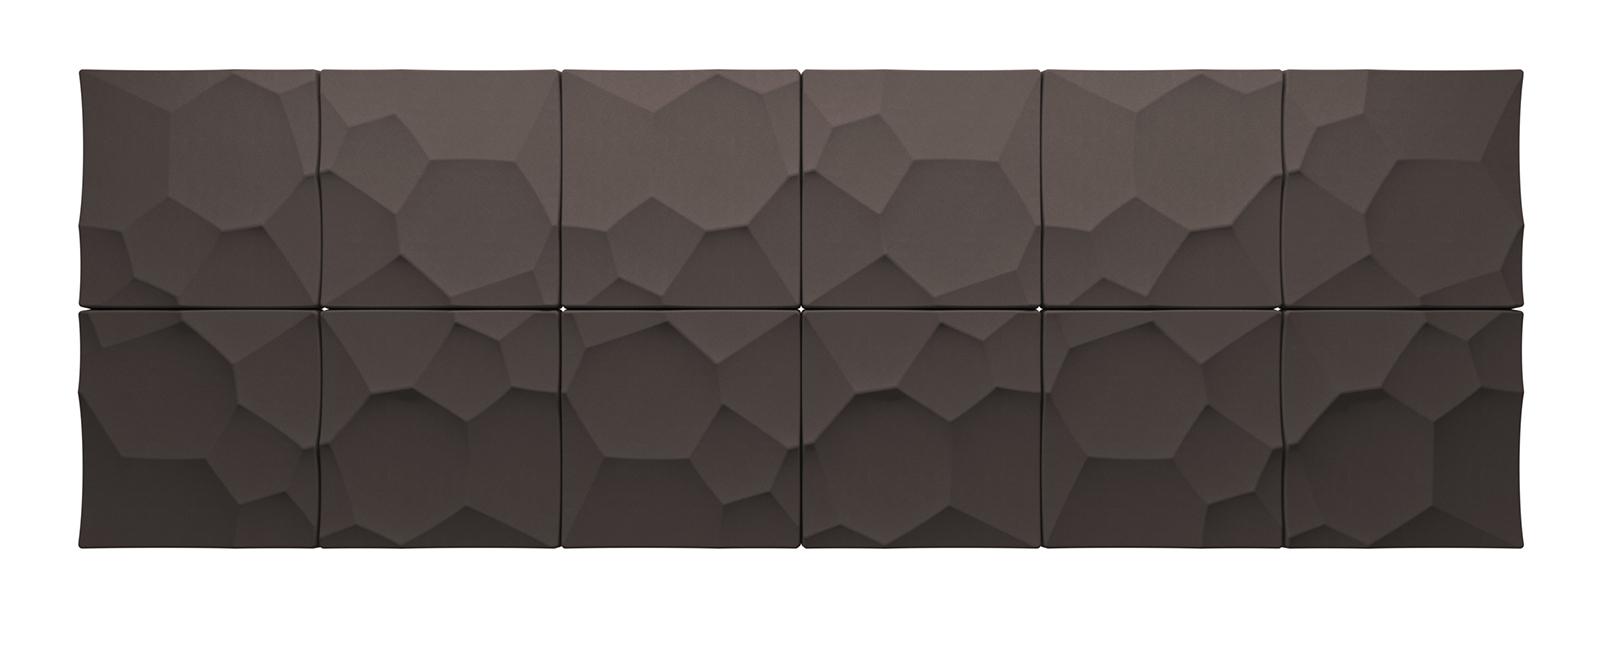 Autex Quietspace 3D-Tiles S-5.28 | Bark